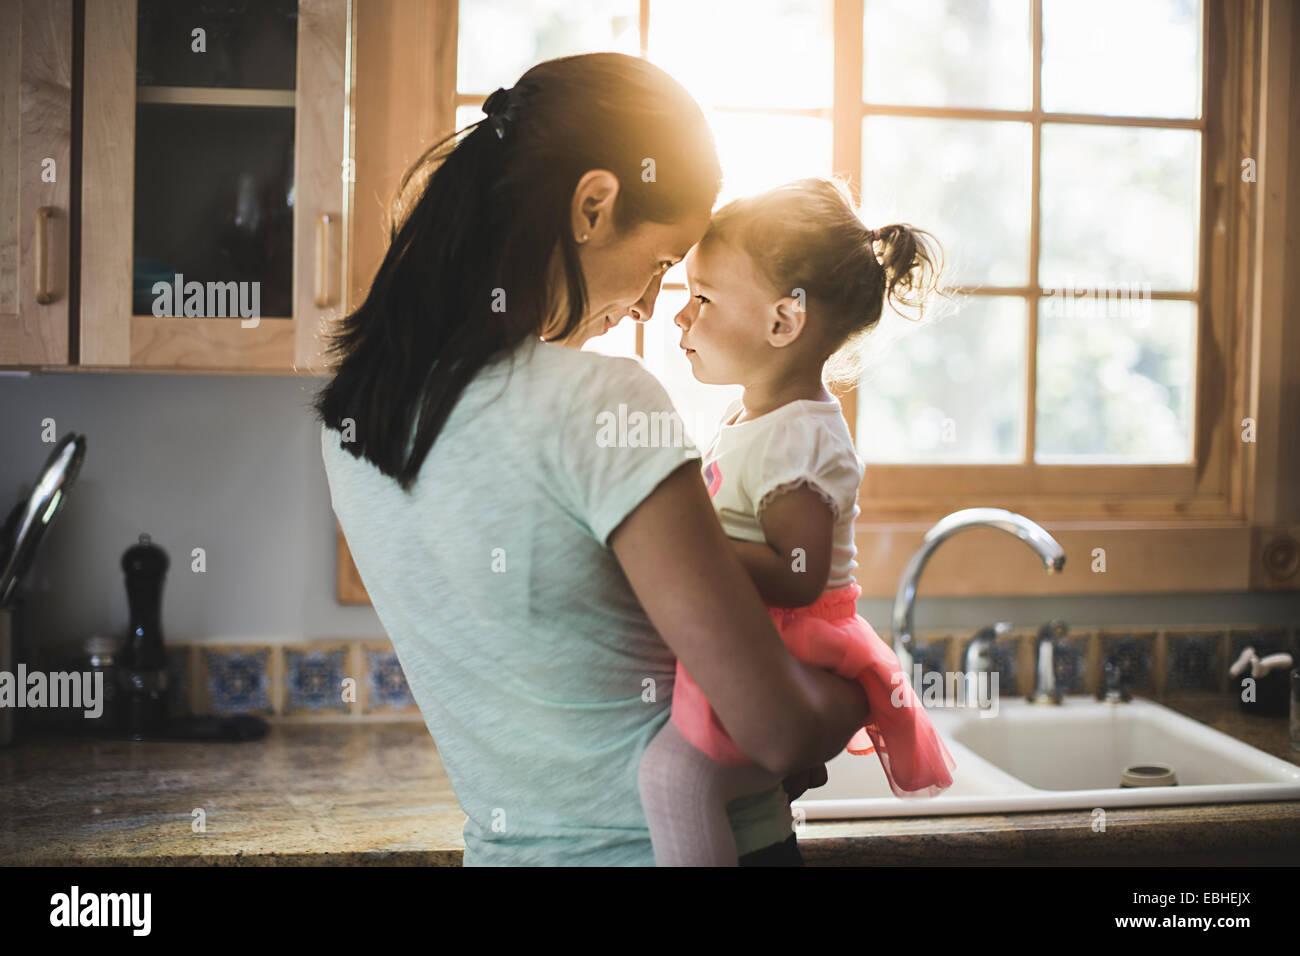 Madre e hija jugando en la cocina Foto de stock